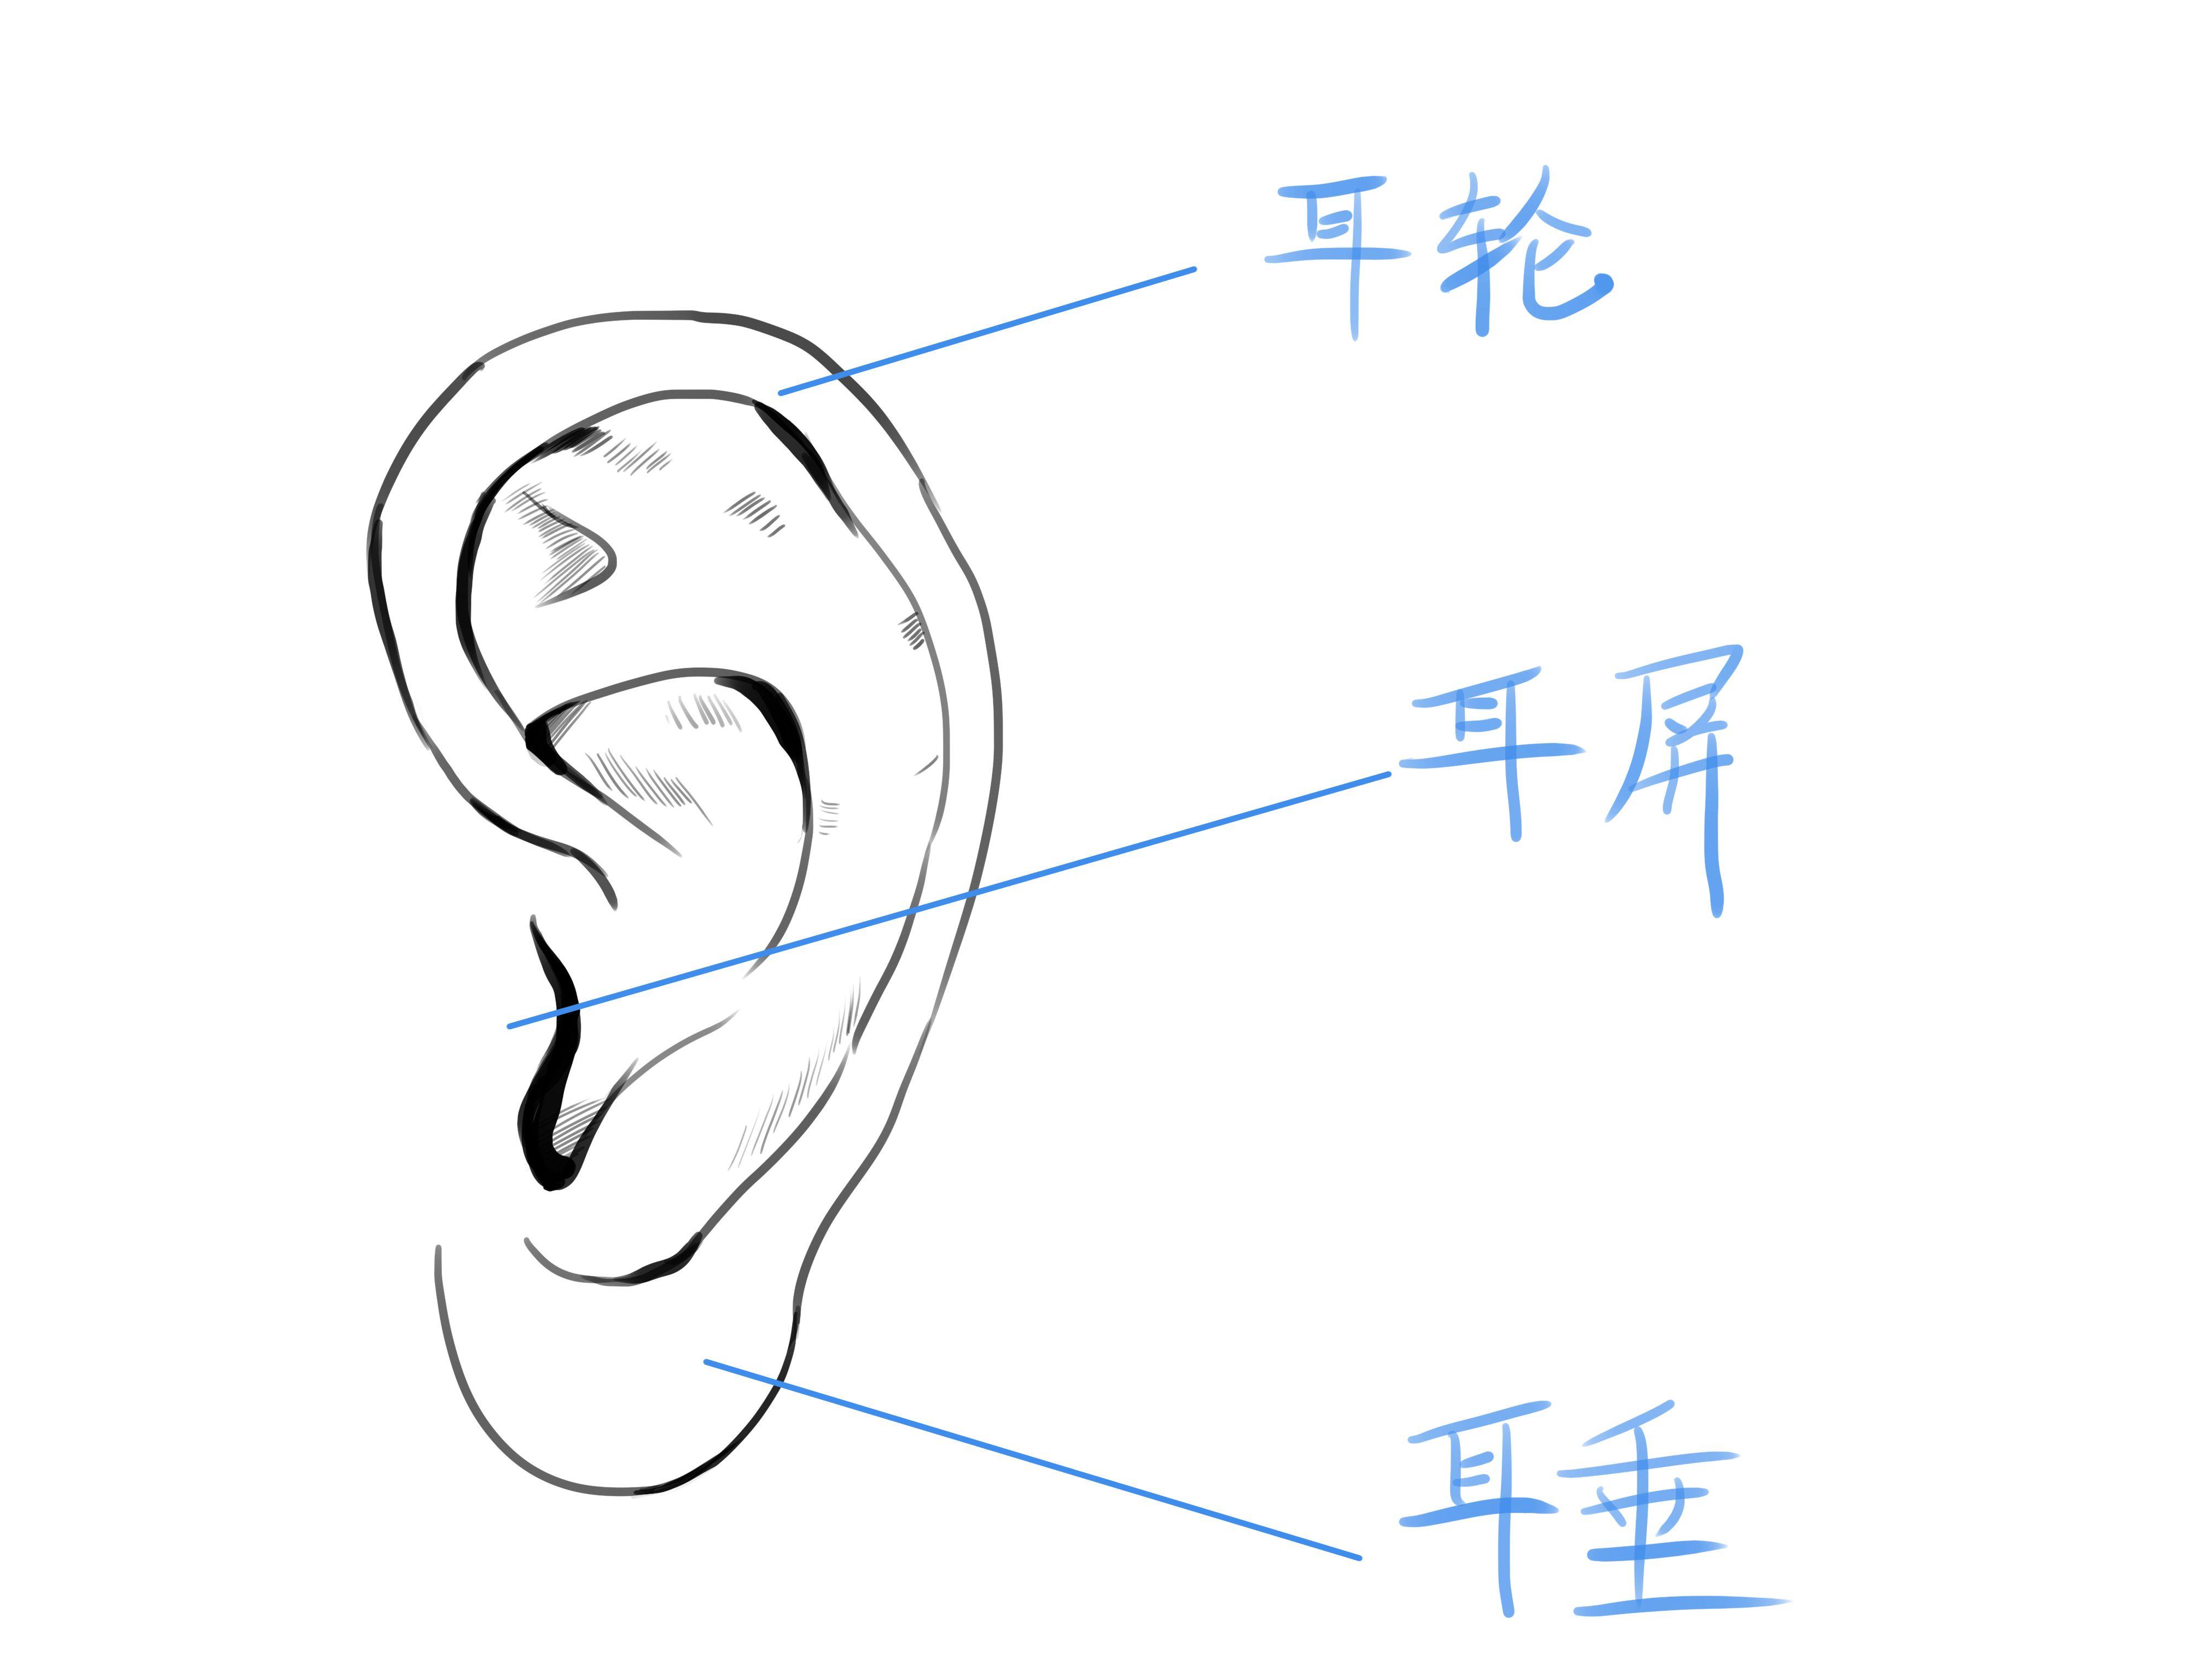 漫画里人物的耳朵通常被简化